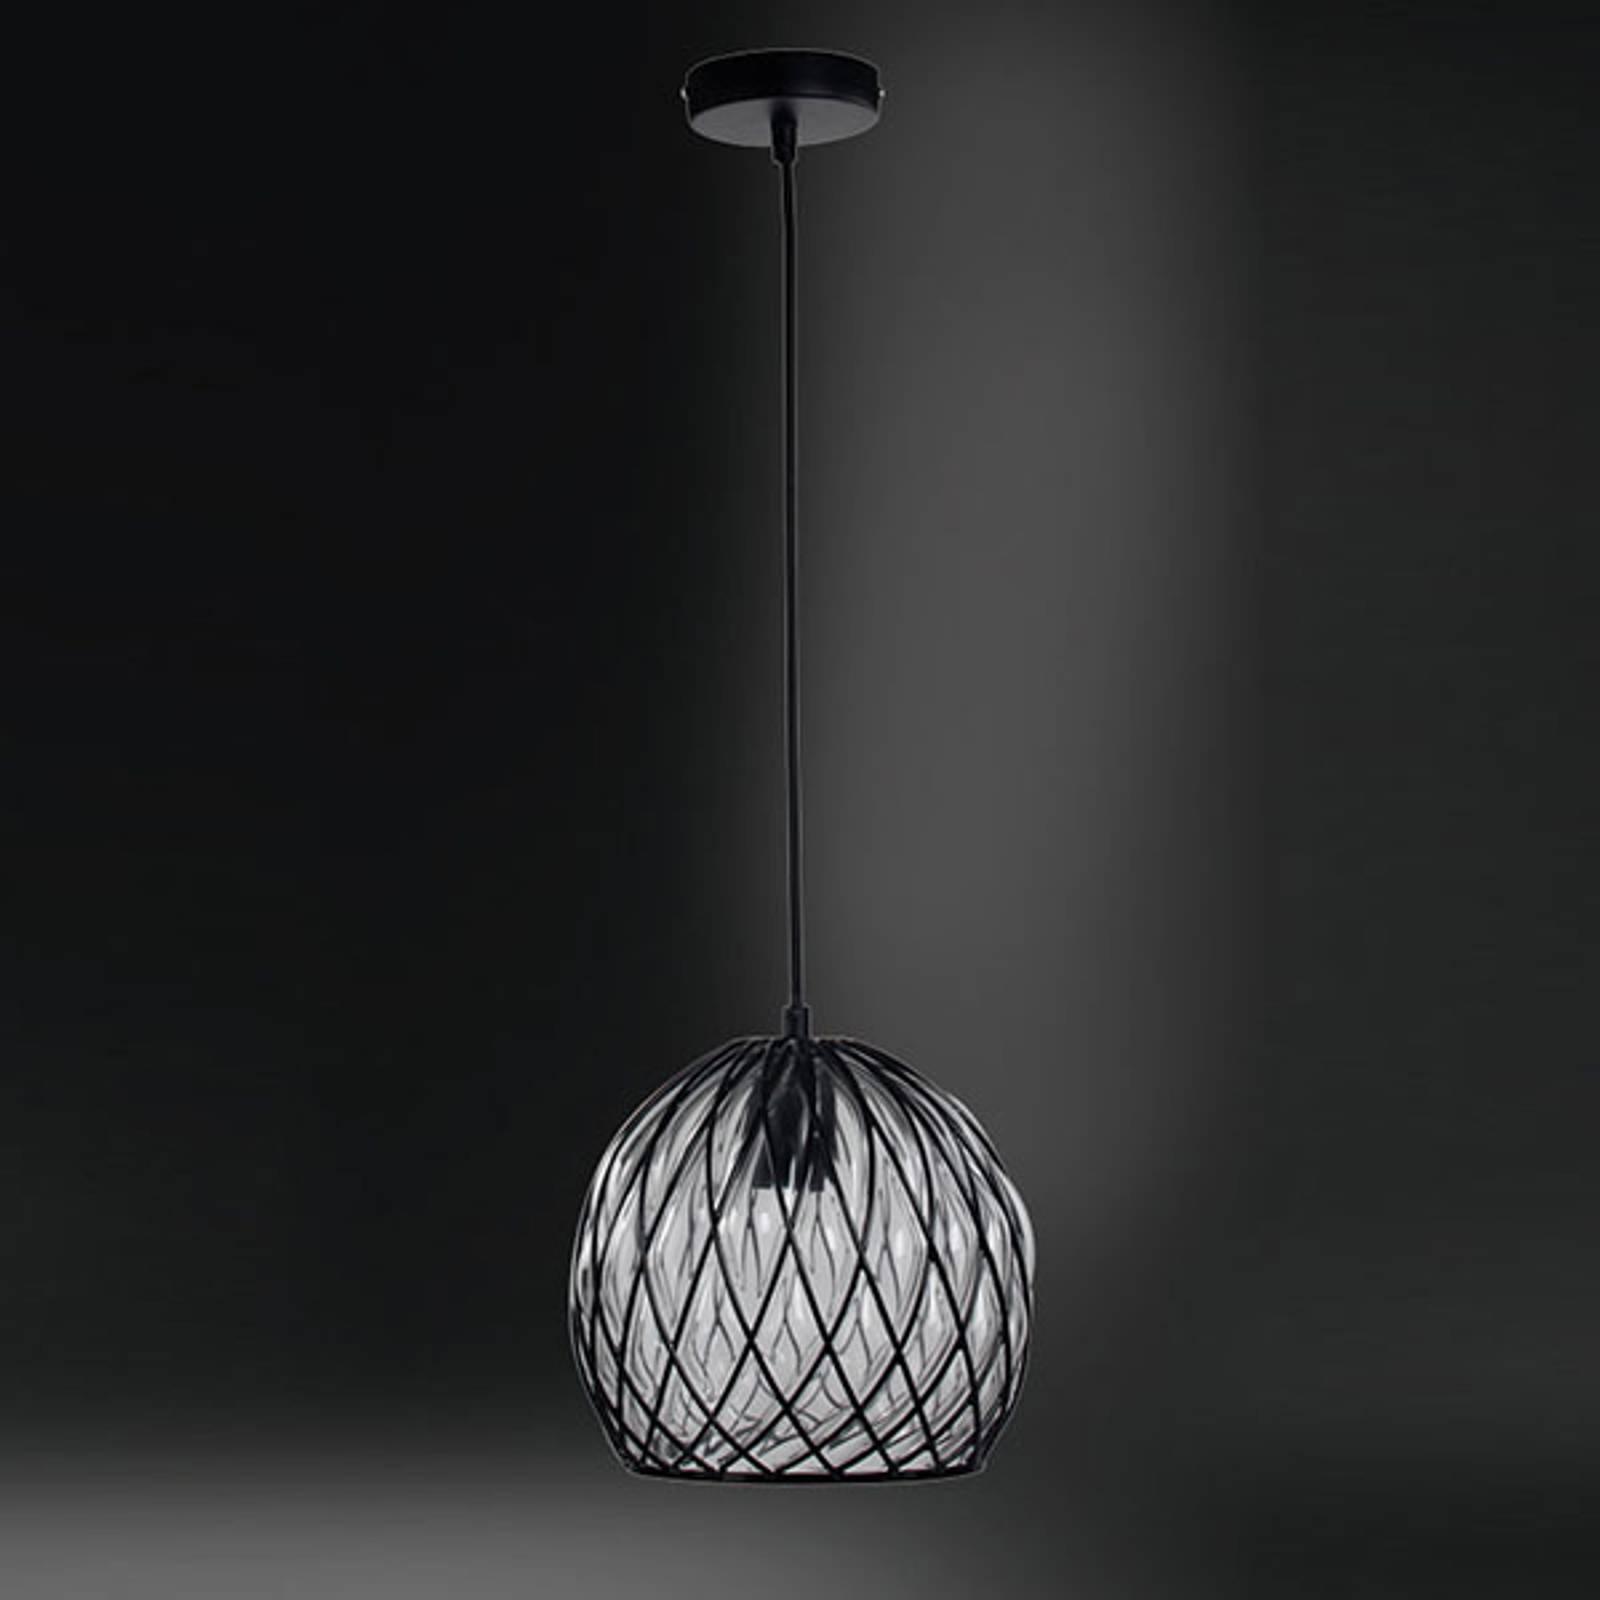 Glazen hanglamp Fiore met zwart metalen rooster